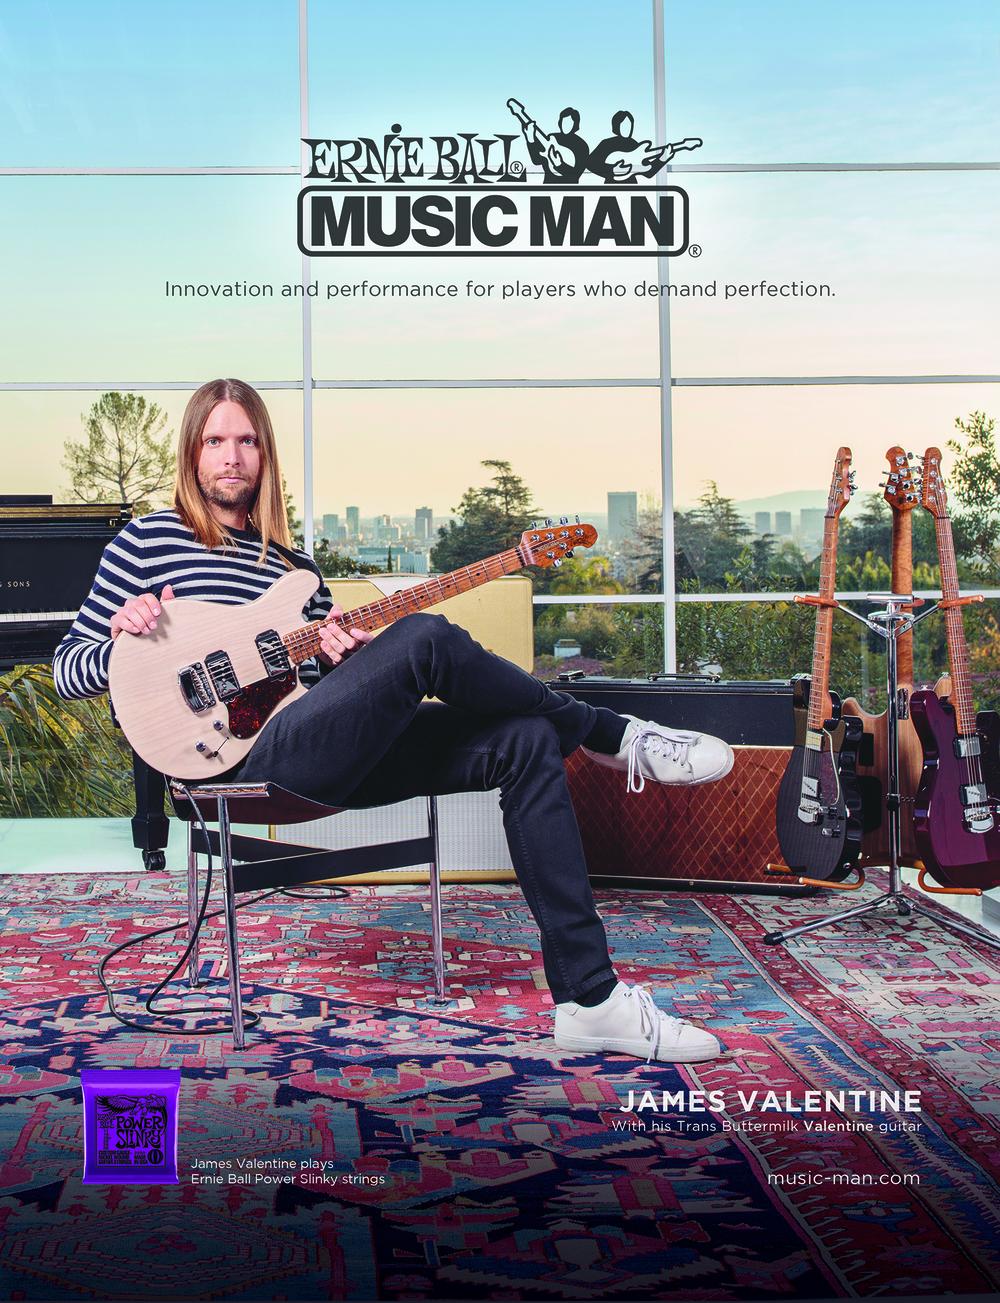 James Valentine (Maroon 5) X Ernie Ball Music Man